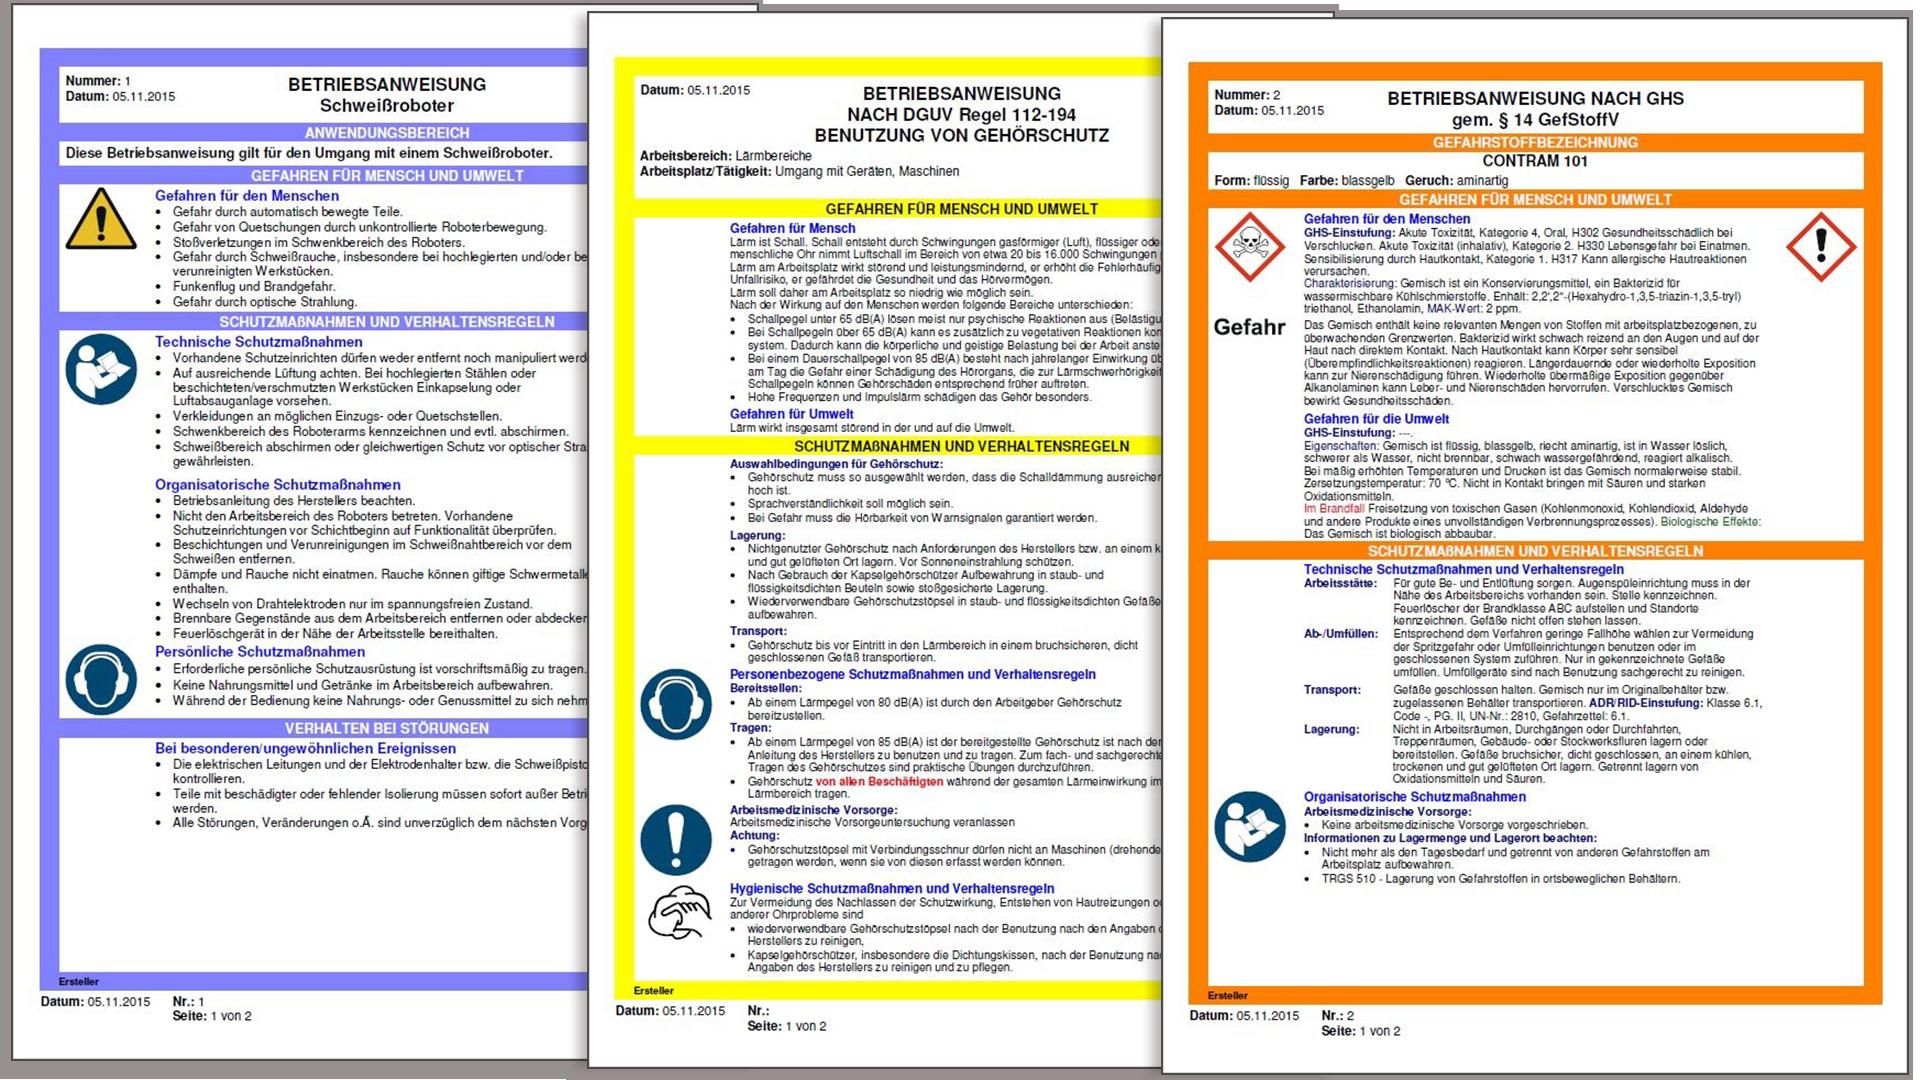 Betriebsanweisung Definition Und Anforderungen